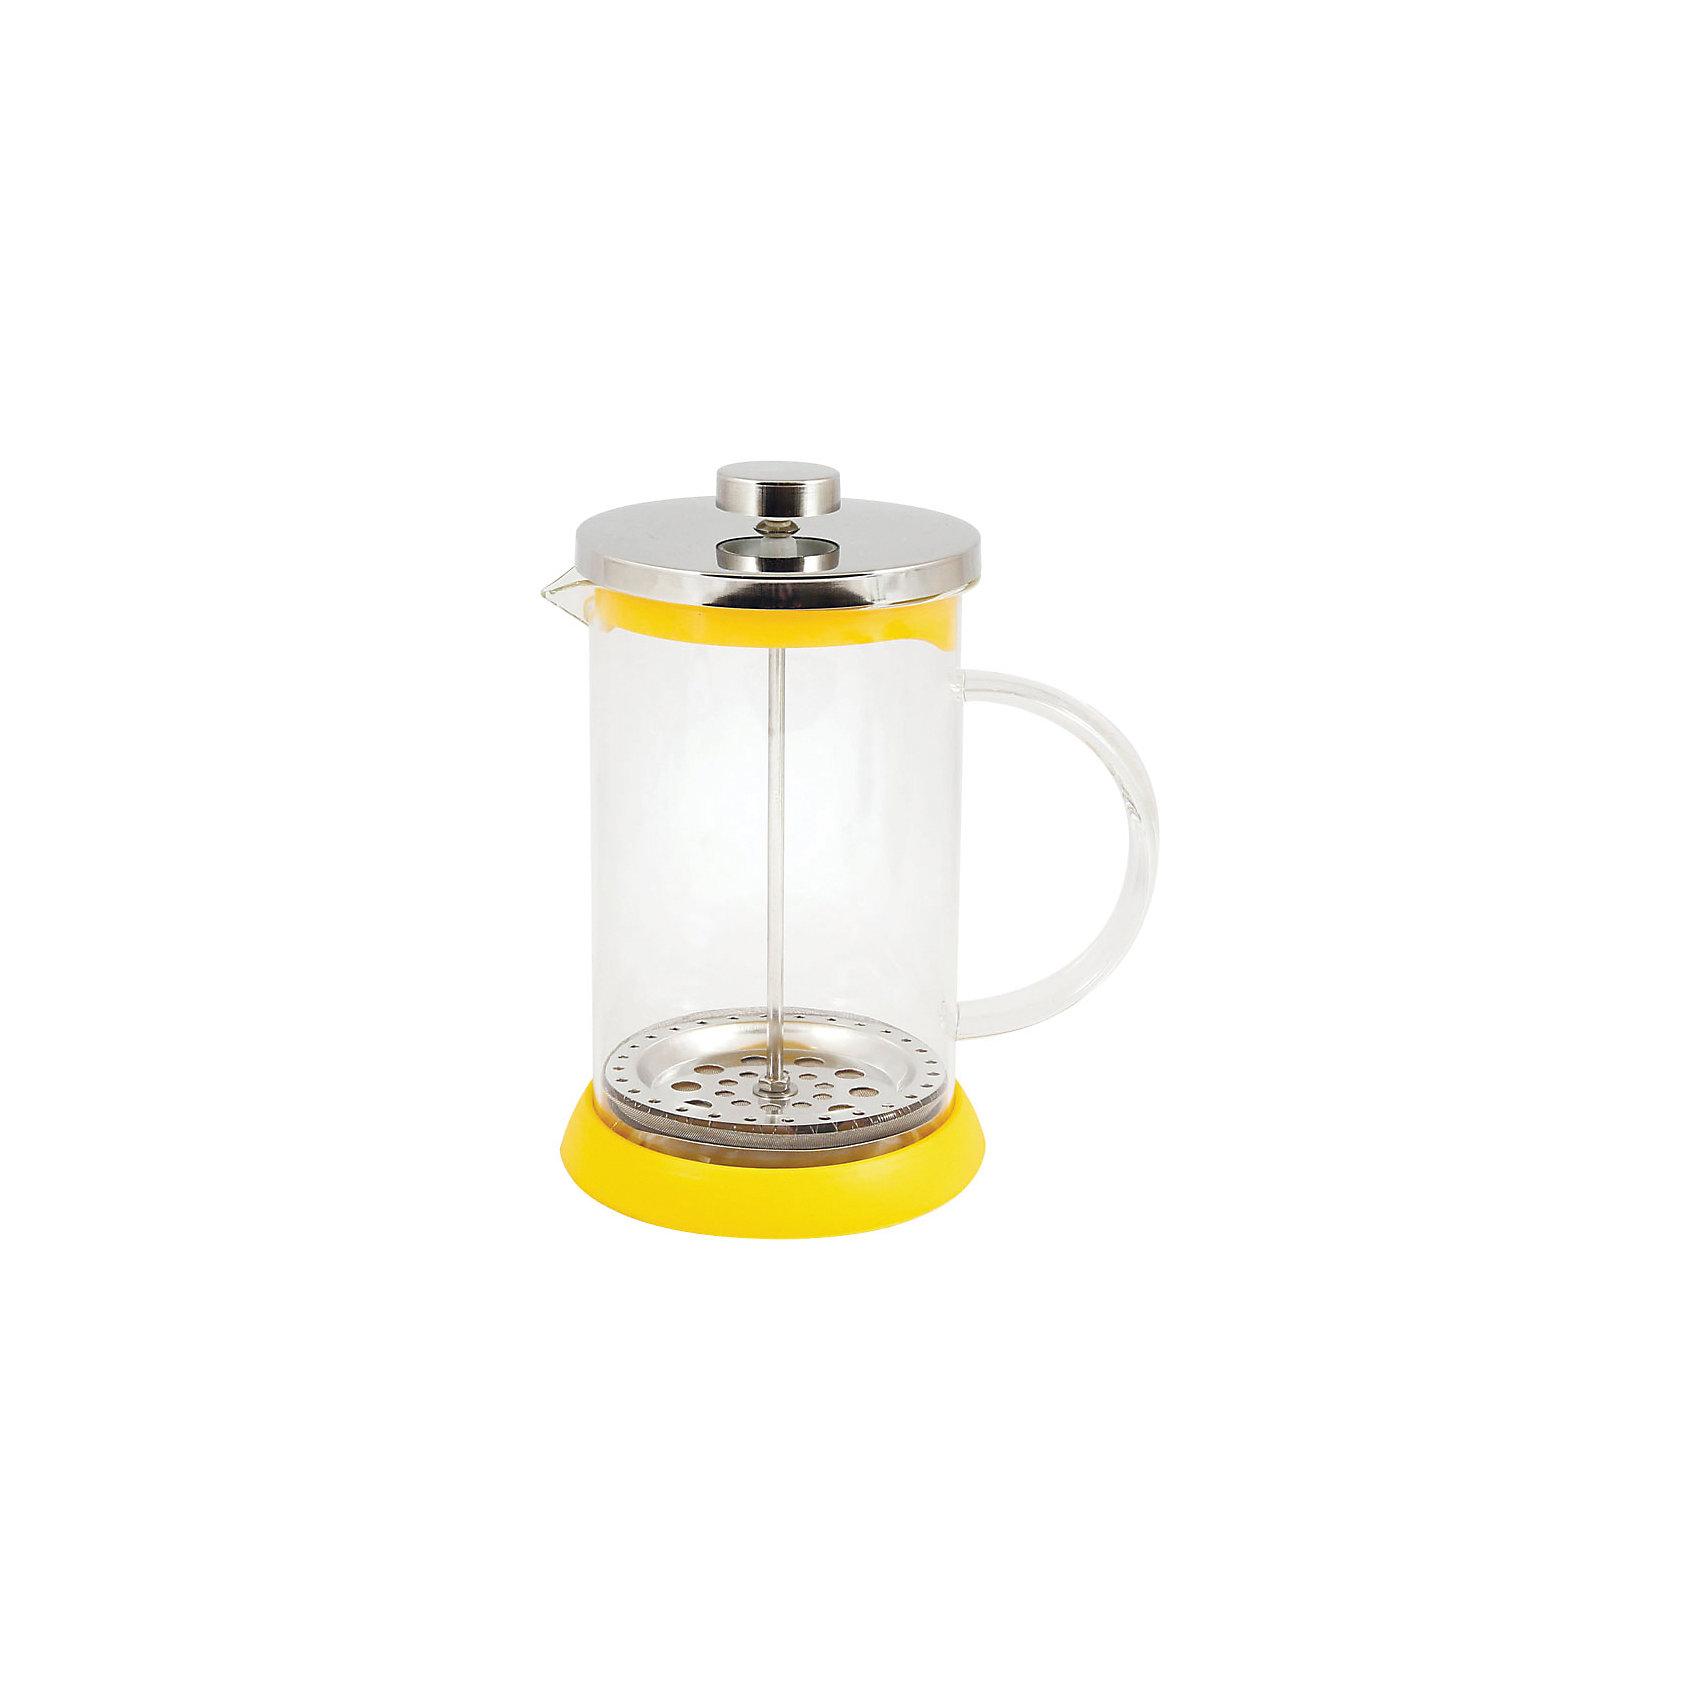 Кофе-пресс стеклянный GFP01-800ML-Y, Mallony, жёлтыйБытовая техника для кухни<br>Заварить чай или подать кофе – кофе-пресс Mallony поможет в этом. Прозрачная стеклянная колба дает возможность увидеть насыщенный цвет чая, рассмотреть, как раскрываются чайные листья, набухают и отдают свой цвет, наполняя кухню ароматом свежеприготовленного напитка. После того, как чай настоится, специальный пресс опускается, листья плотно прижимаются ко дну чайника, чаинки не попадают в чашку.<br><br>Дополнительная информация:<br><br>Высота чайника: 19,8 см<br>Объем: 800 мл<br><br>Материал: стекло, нержавеющая сталь, силикон, пластик.<br><br>Упаковка: цветная индивидуальная коробка.<br><br>Кофе-пресс стеклянный GFP01-800ML-Y, Mallony, жёлтый можно купить в нашем интернет-магазине.<br><br>Ширина мм: 156<br>Глубина мм: 115<br>Высота мм: 188<br>Вес г: 553<br>Возраст от месяцев: 216<br>Возраст до месяцев: 1080<br>Пол: Унисекс<br>Возраст: Детский<br>SKU: 4989862